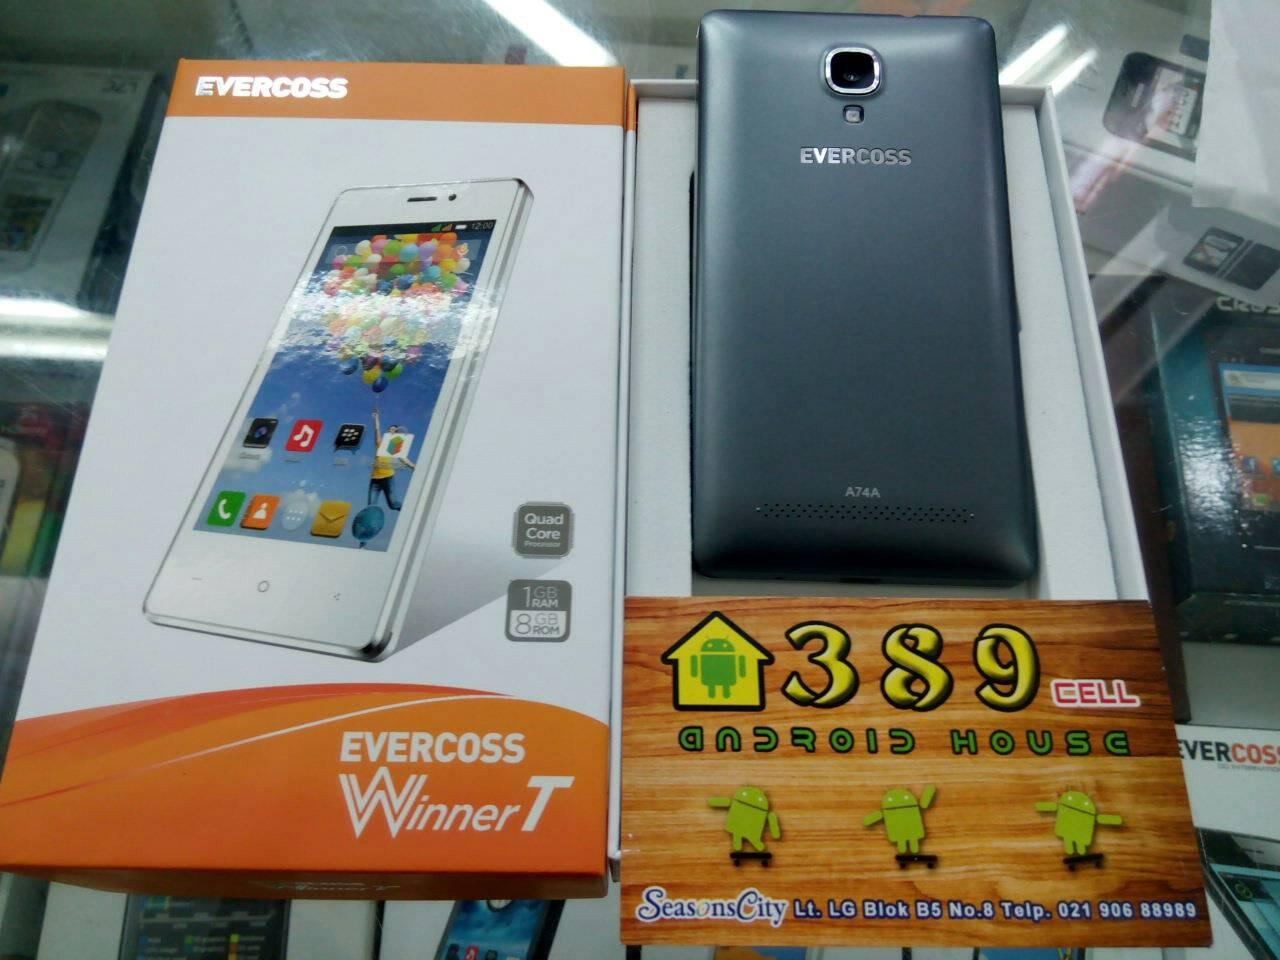 Evercoss A74a Winner T 8gb Putih Daftar Harga Terlengkap Indonesia Source Jual